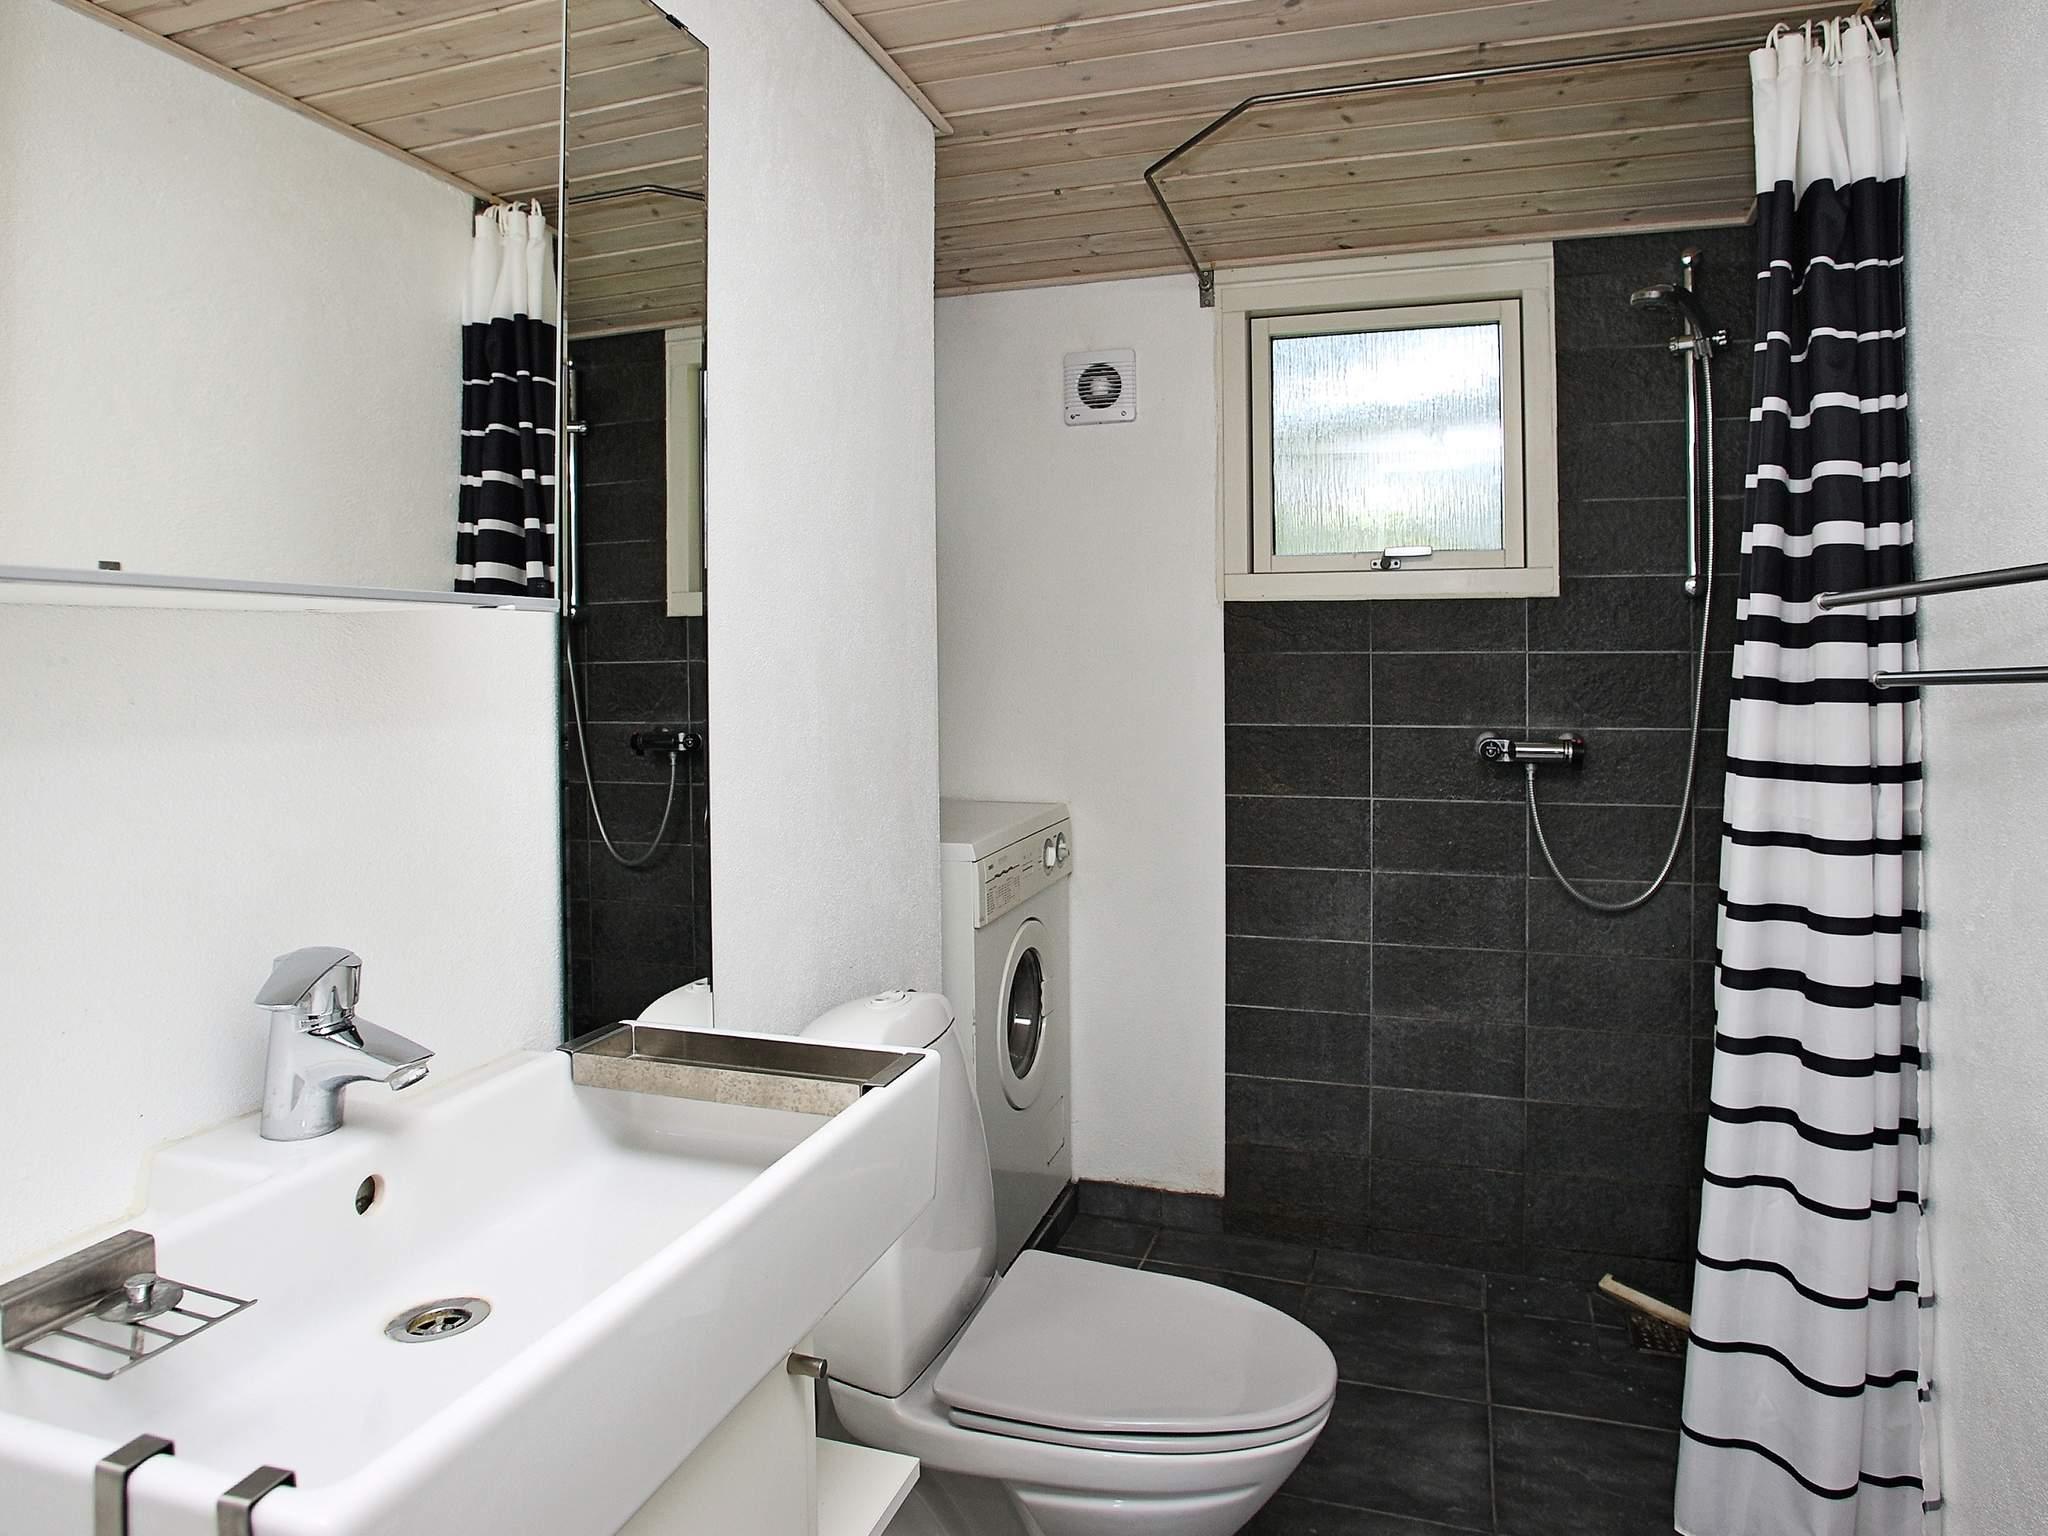 Ferienhaus Lønstrup (83305), Lønstrup, , Nordwestjütland, Dänemark, Bild 4